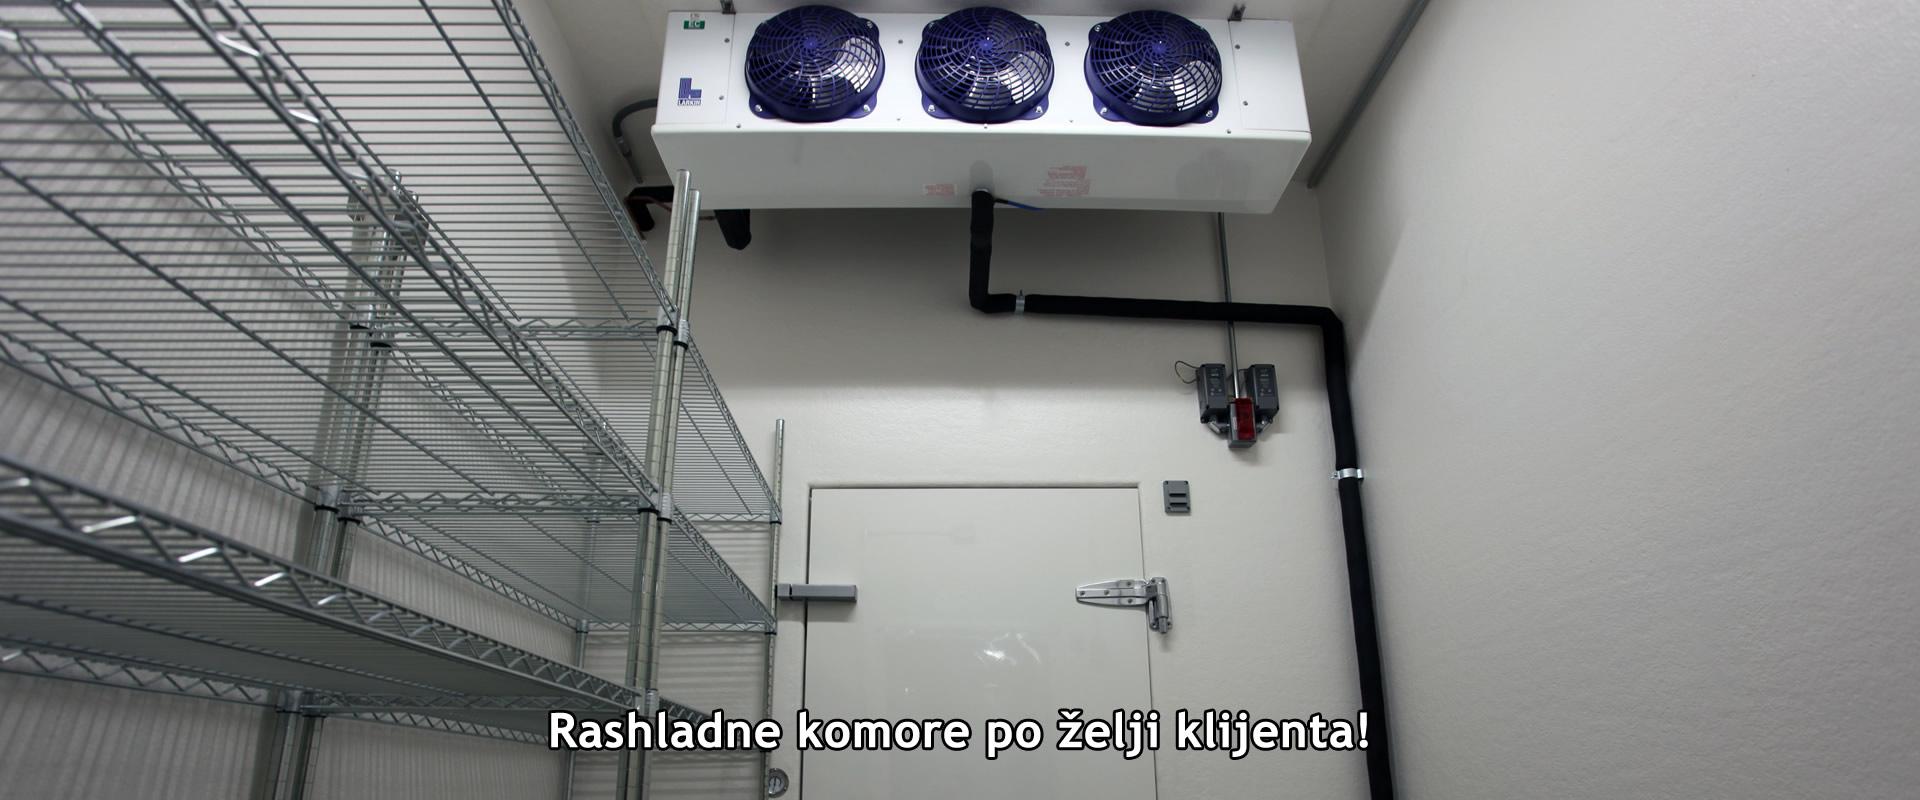 led-slide2